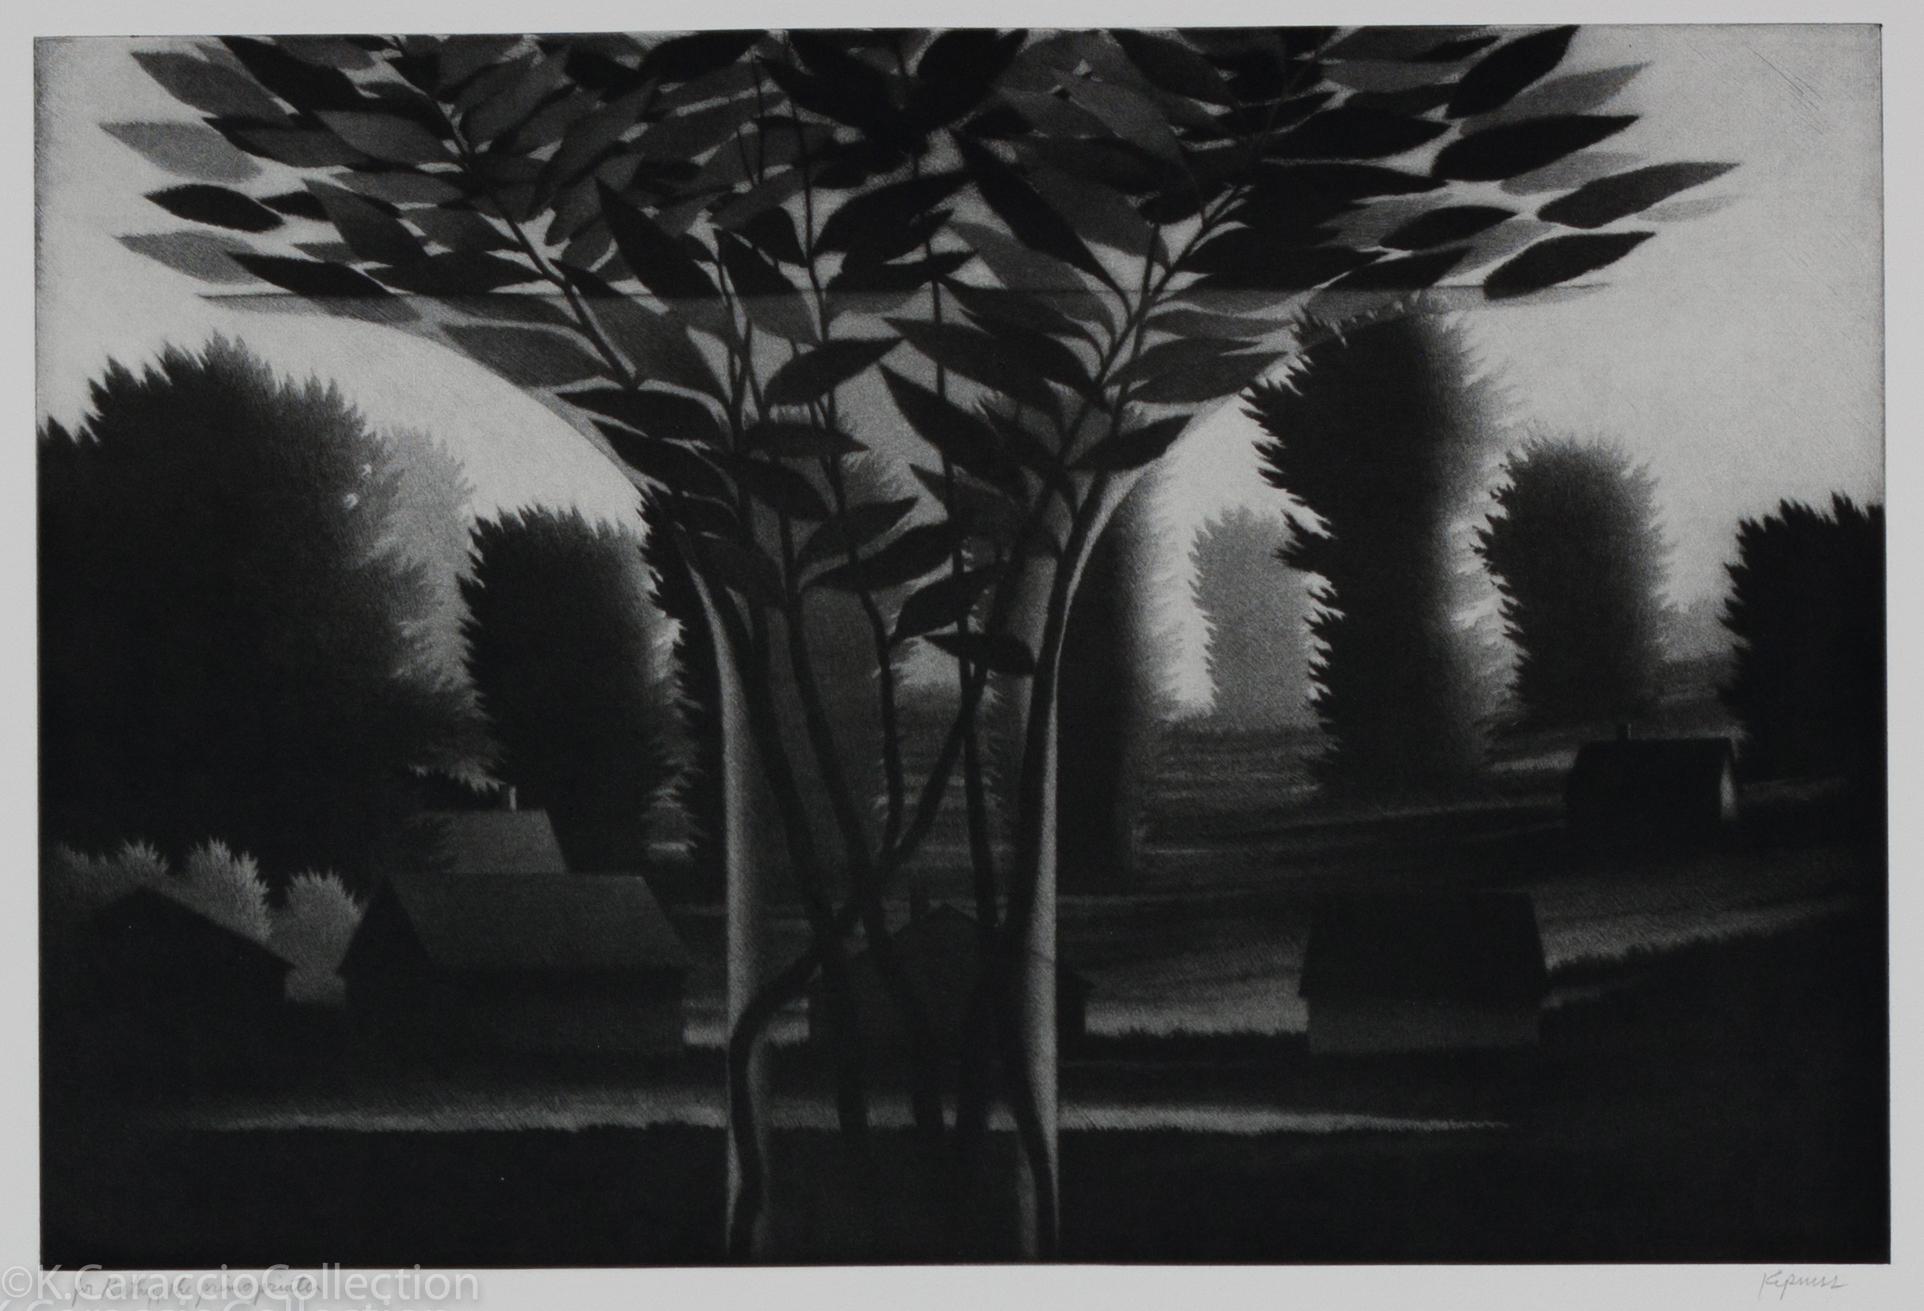 Clear Vase & Landscape, 1995